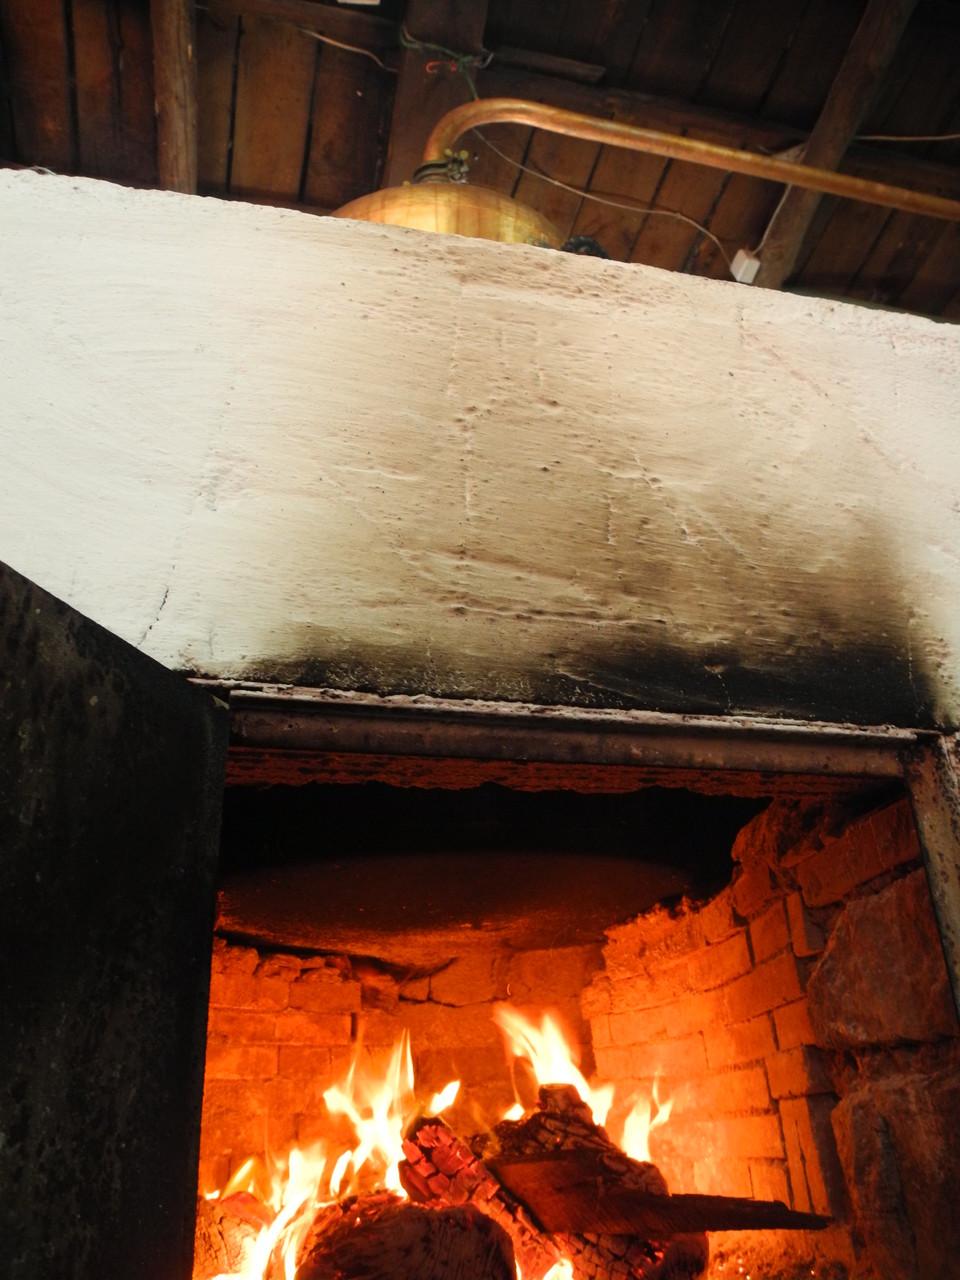 Blick auf die Unterseite des Brennkessels